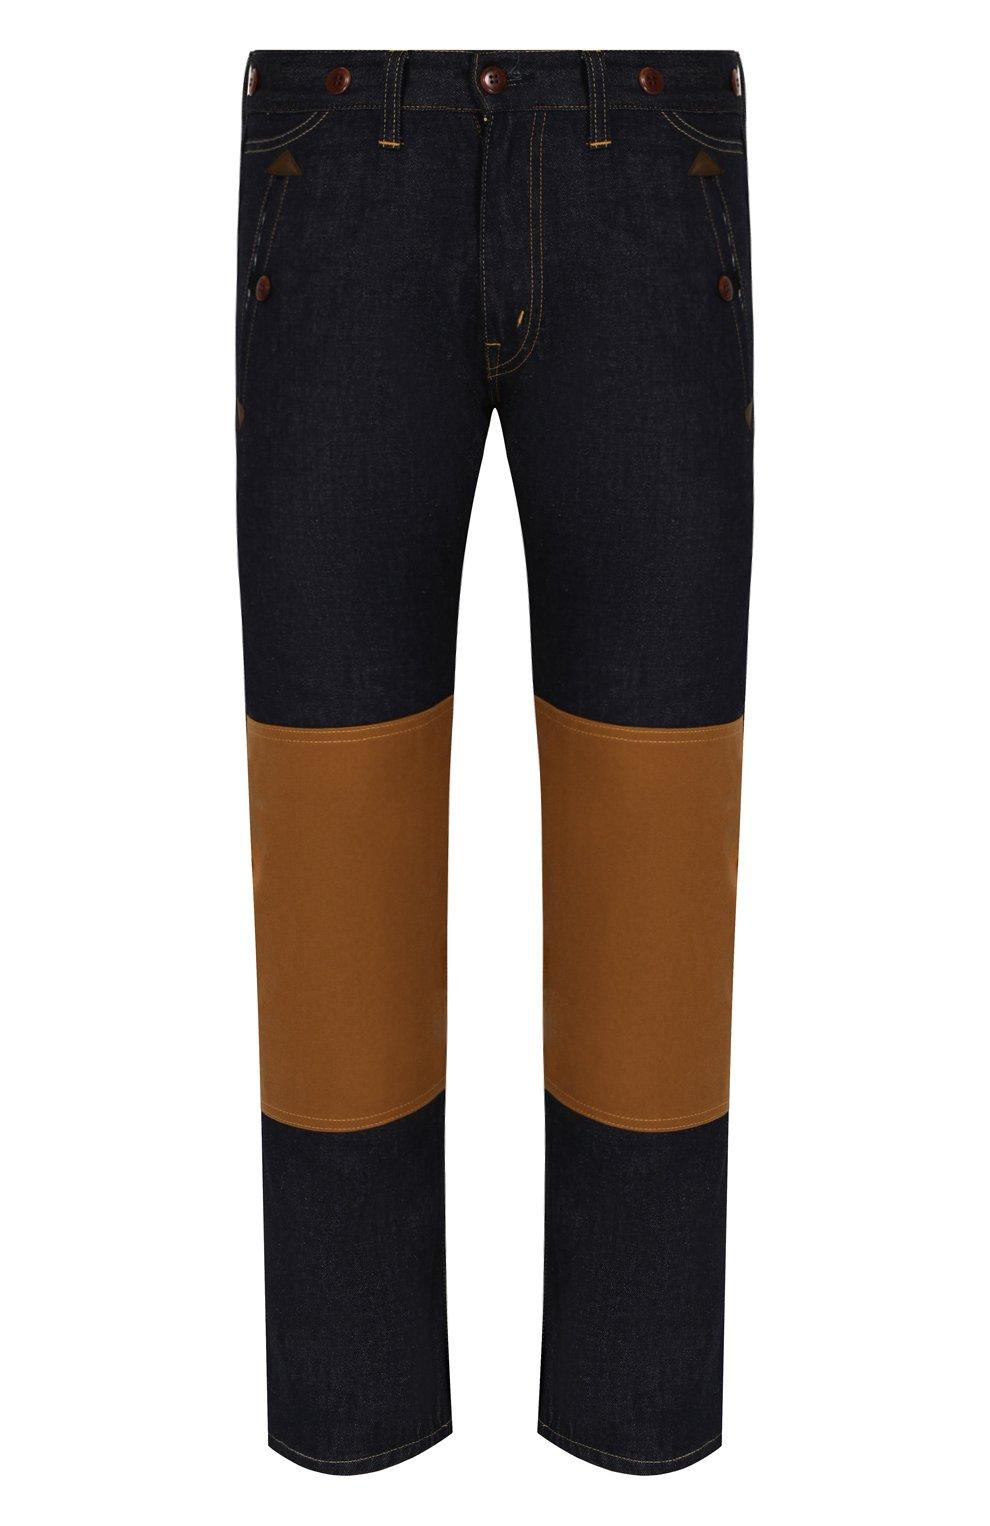 Мужские джинсы прямого кроя с отделкой junya watanabe x levi's JUNYA WATANABE синего цвета, арт. WA-P209-051 | Фото 1